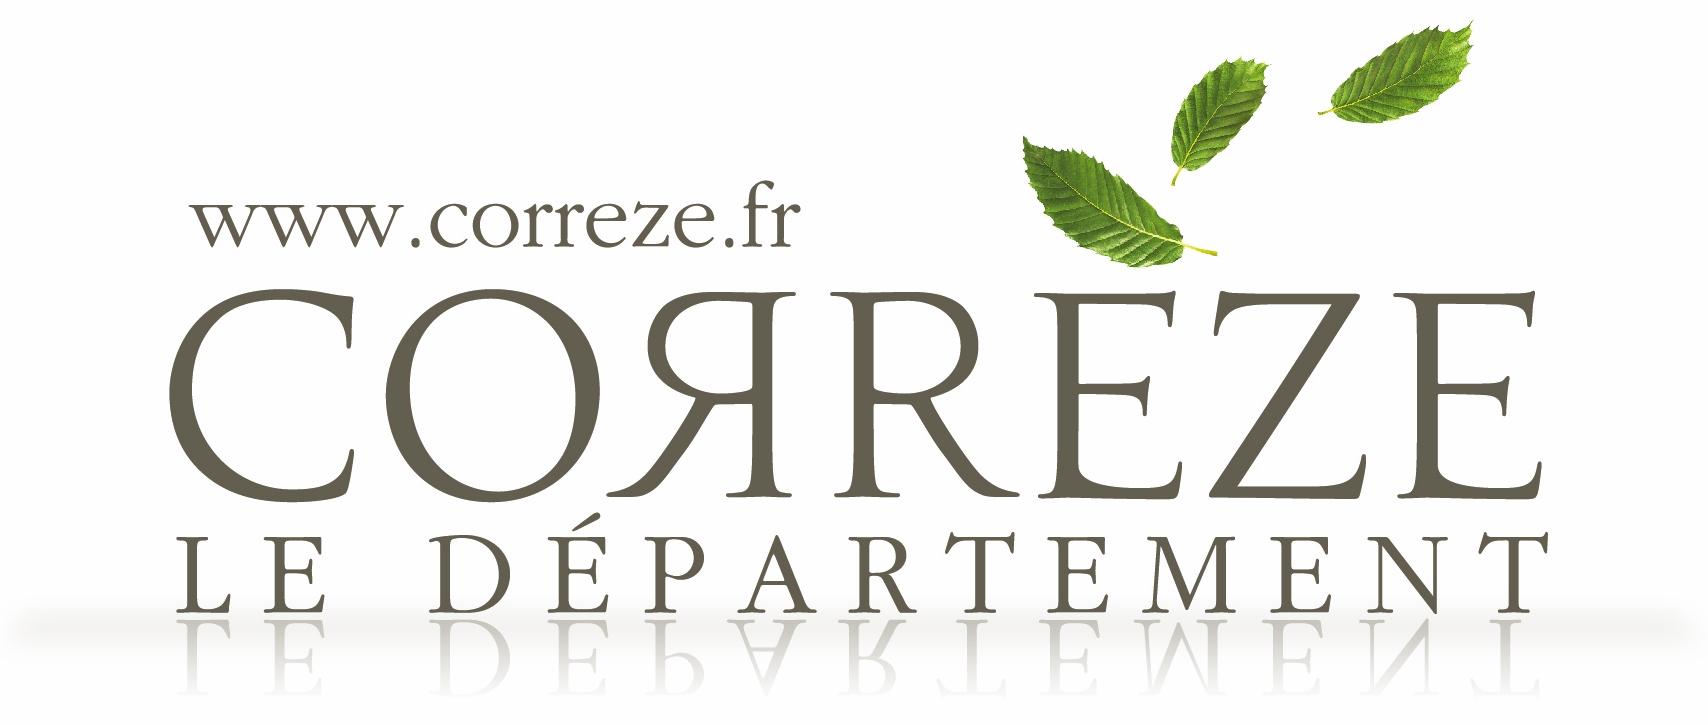 Logo_Correze